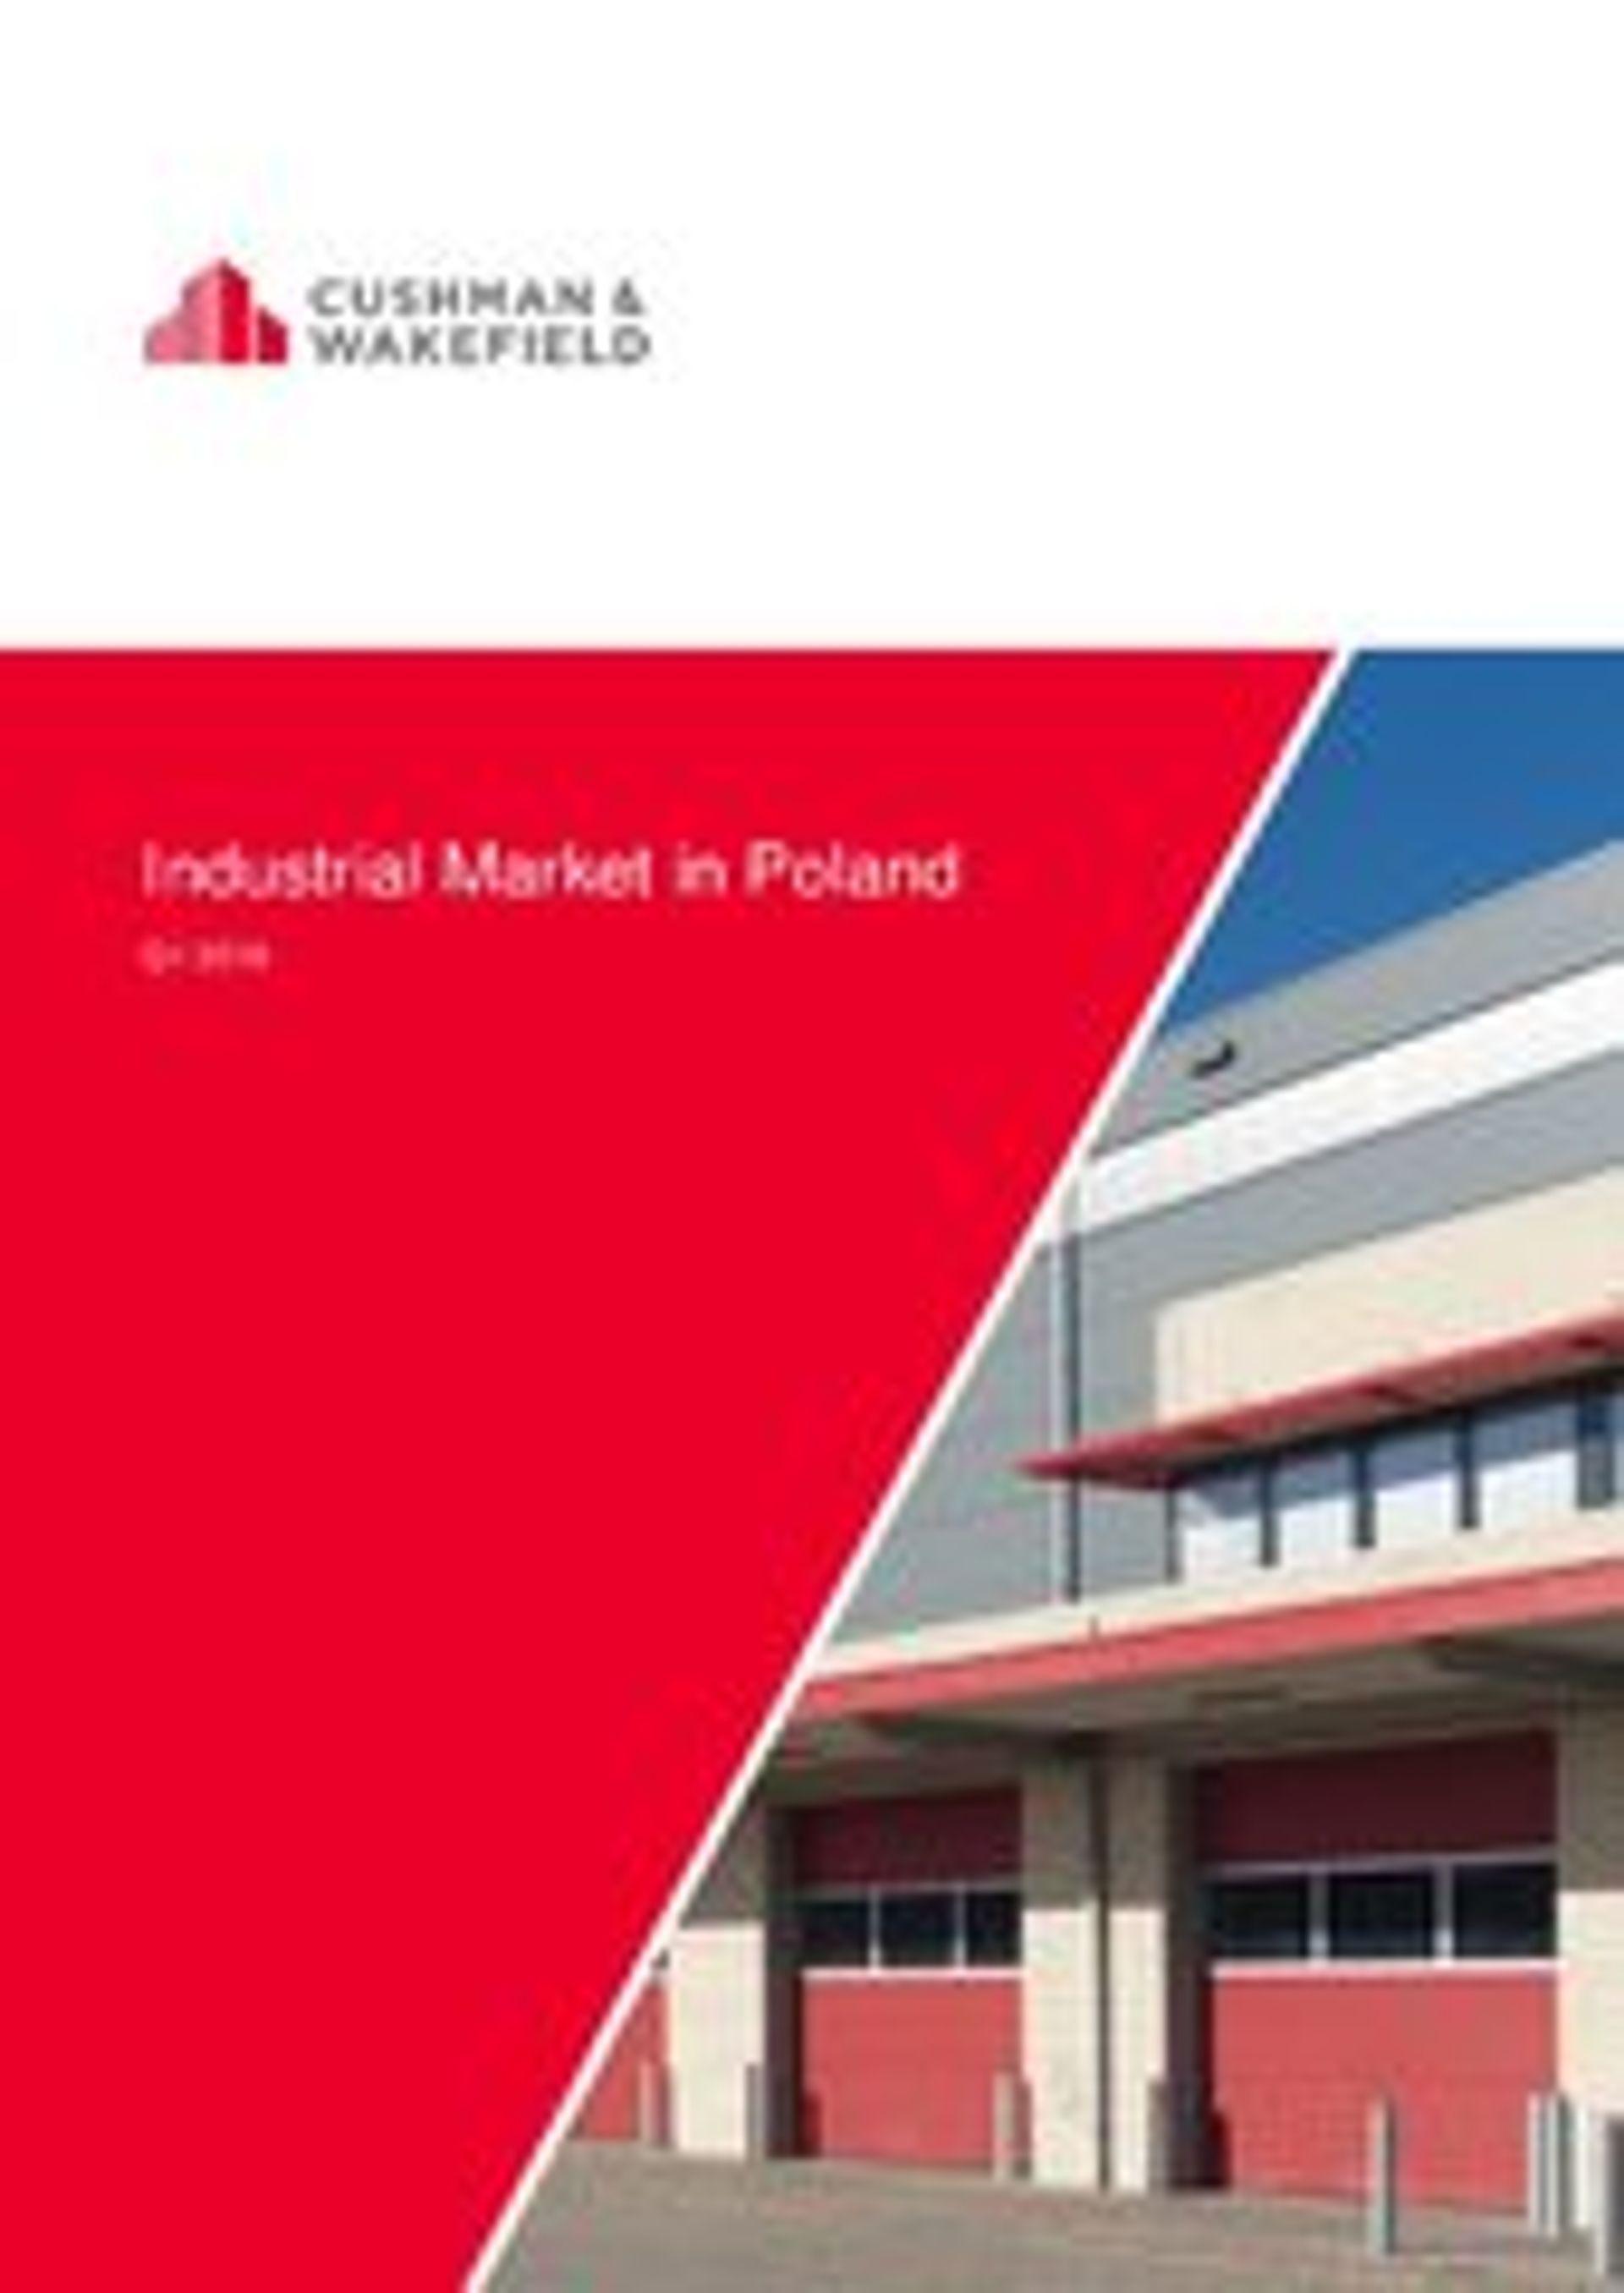 [Polska] Dobra sytuacja na polskim rynku nieruchomości magazynowych – utrzymuje się wysoki popyt na powierzchnie przemysłowe i logistyczne